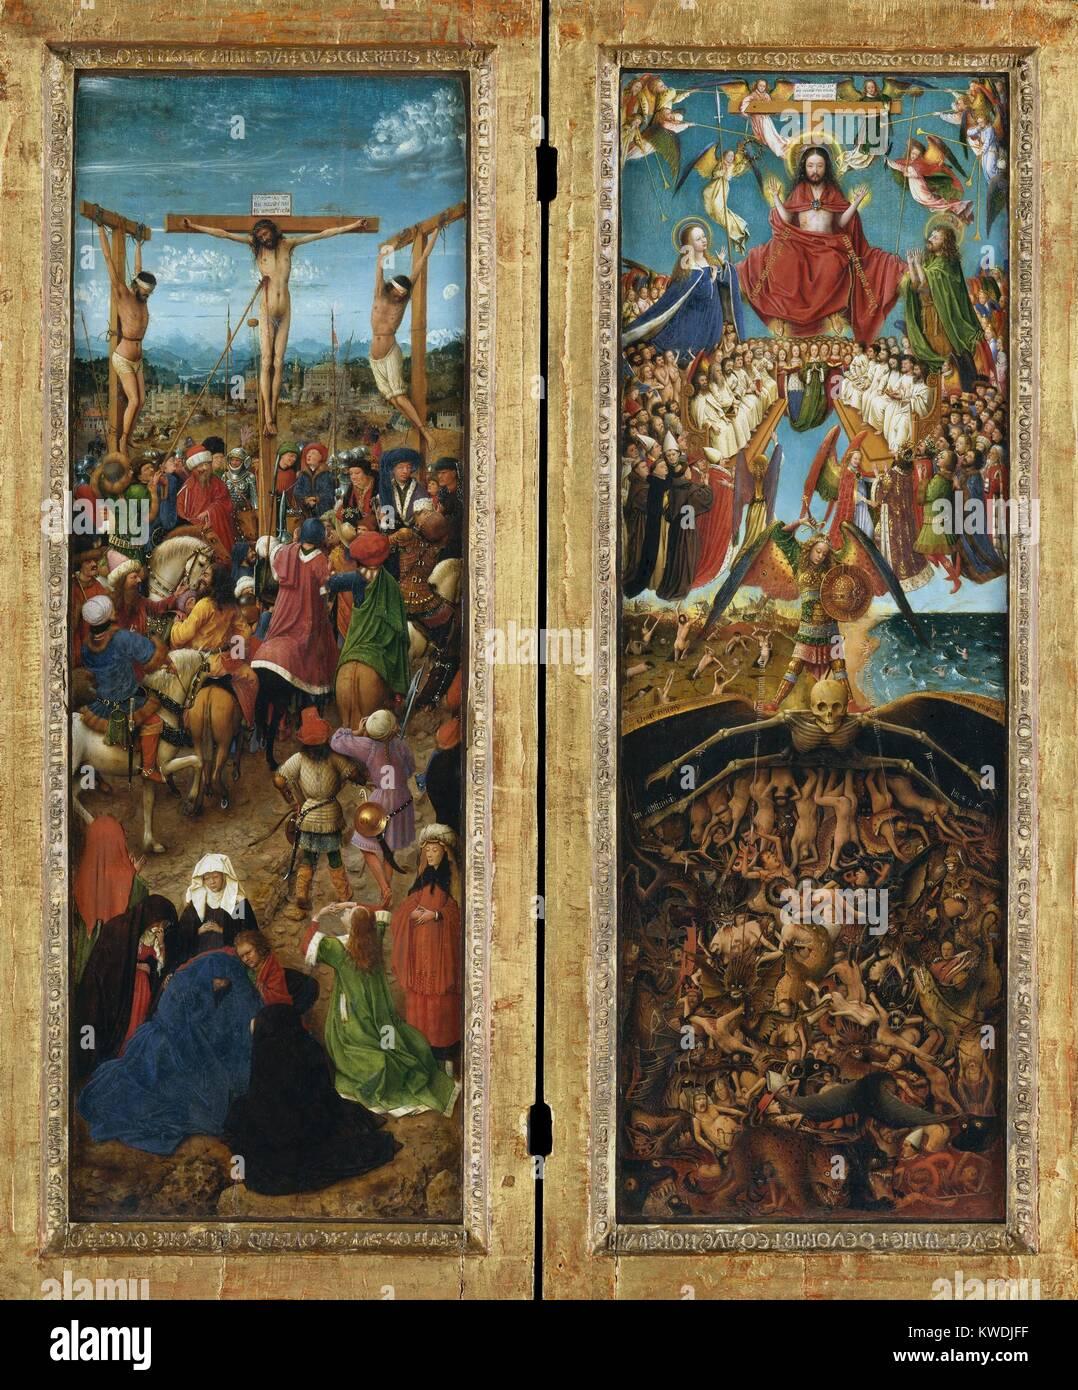 La crocifissione, l'ultimo giudizio di Jan van Eyck, 1440-41, nel nord della pittura rinascimentale. In questo capolavoro Foto Stock